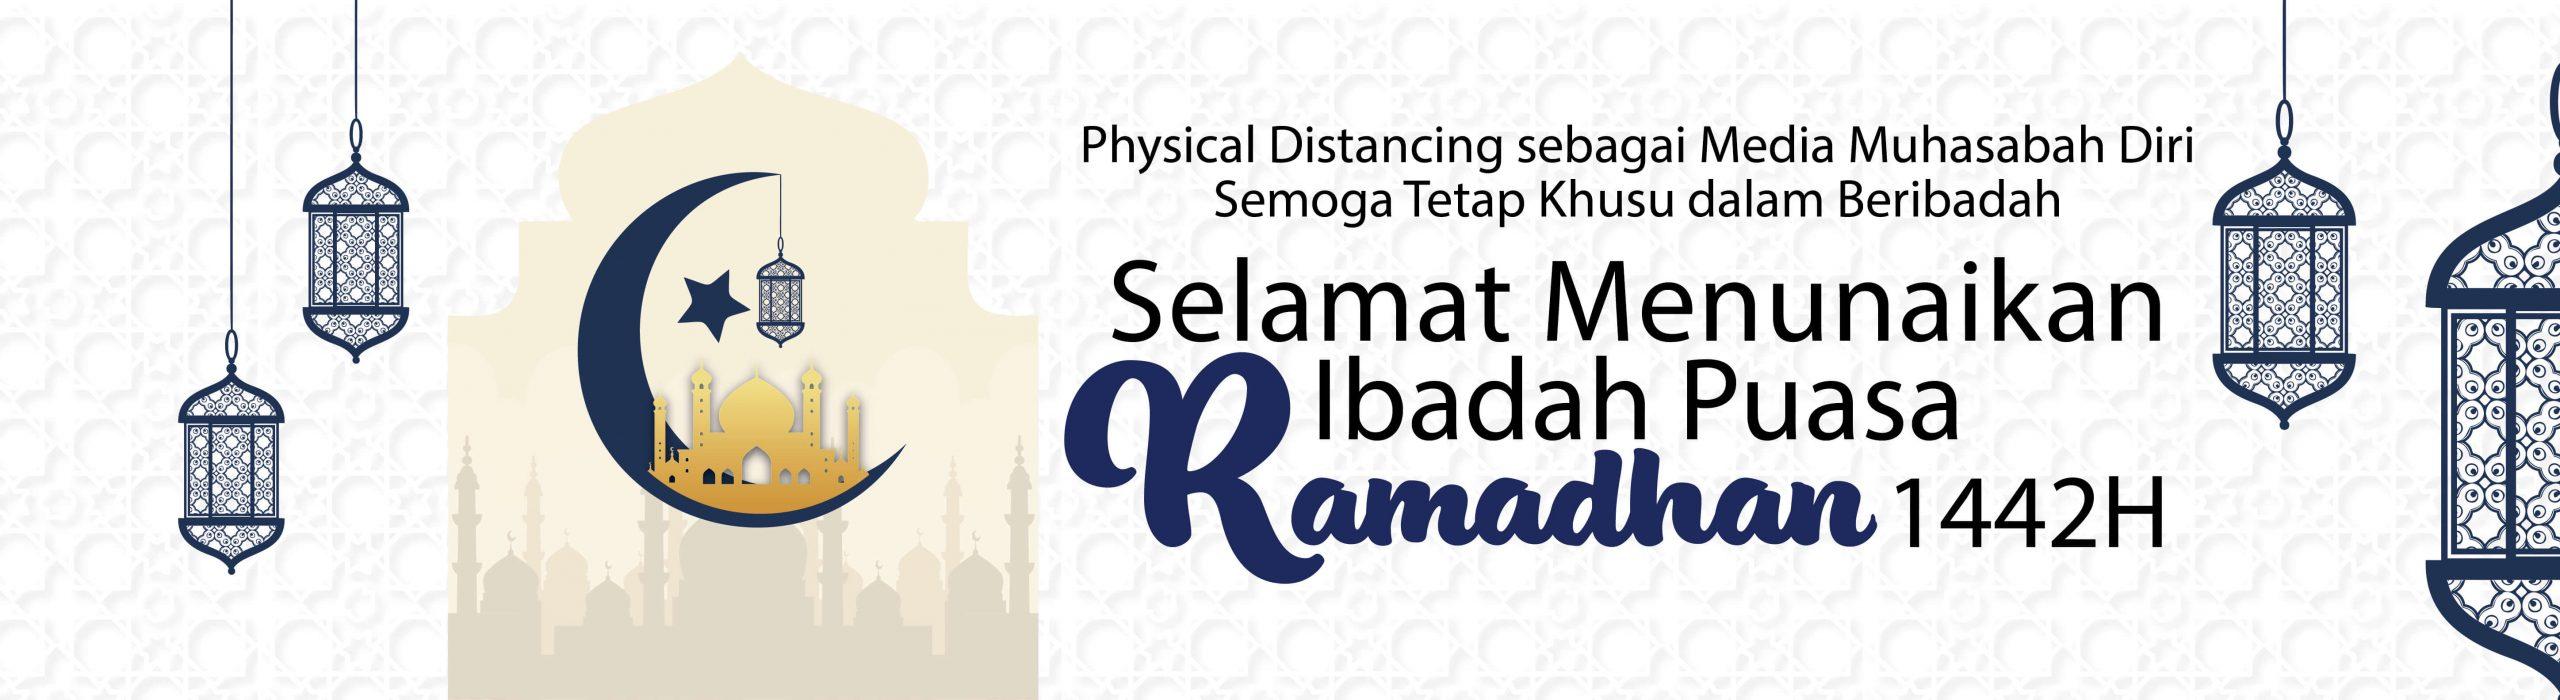 webselamat_menunaikan_ibadah_puasa_ramadhan_1442H-01_1